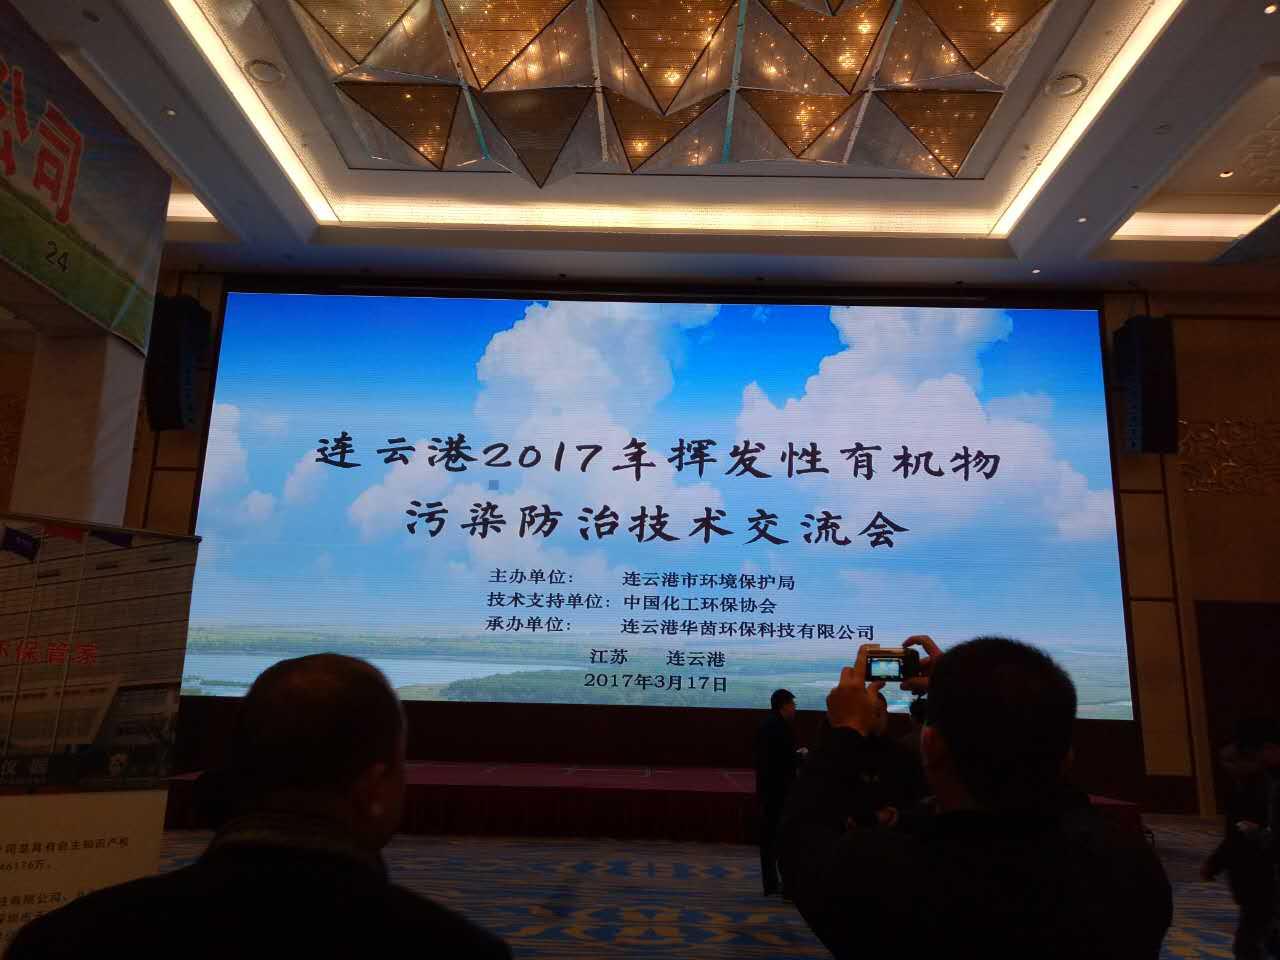 金龙彩票受邀参加连云港挥发性有机物污染防治技术